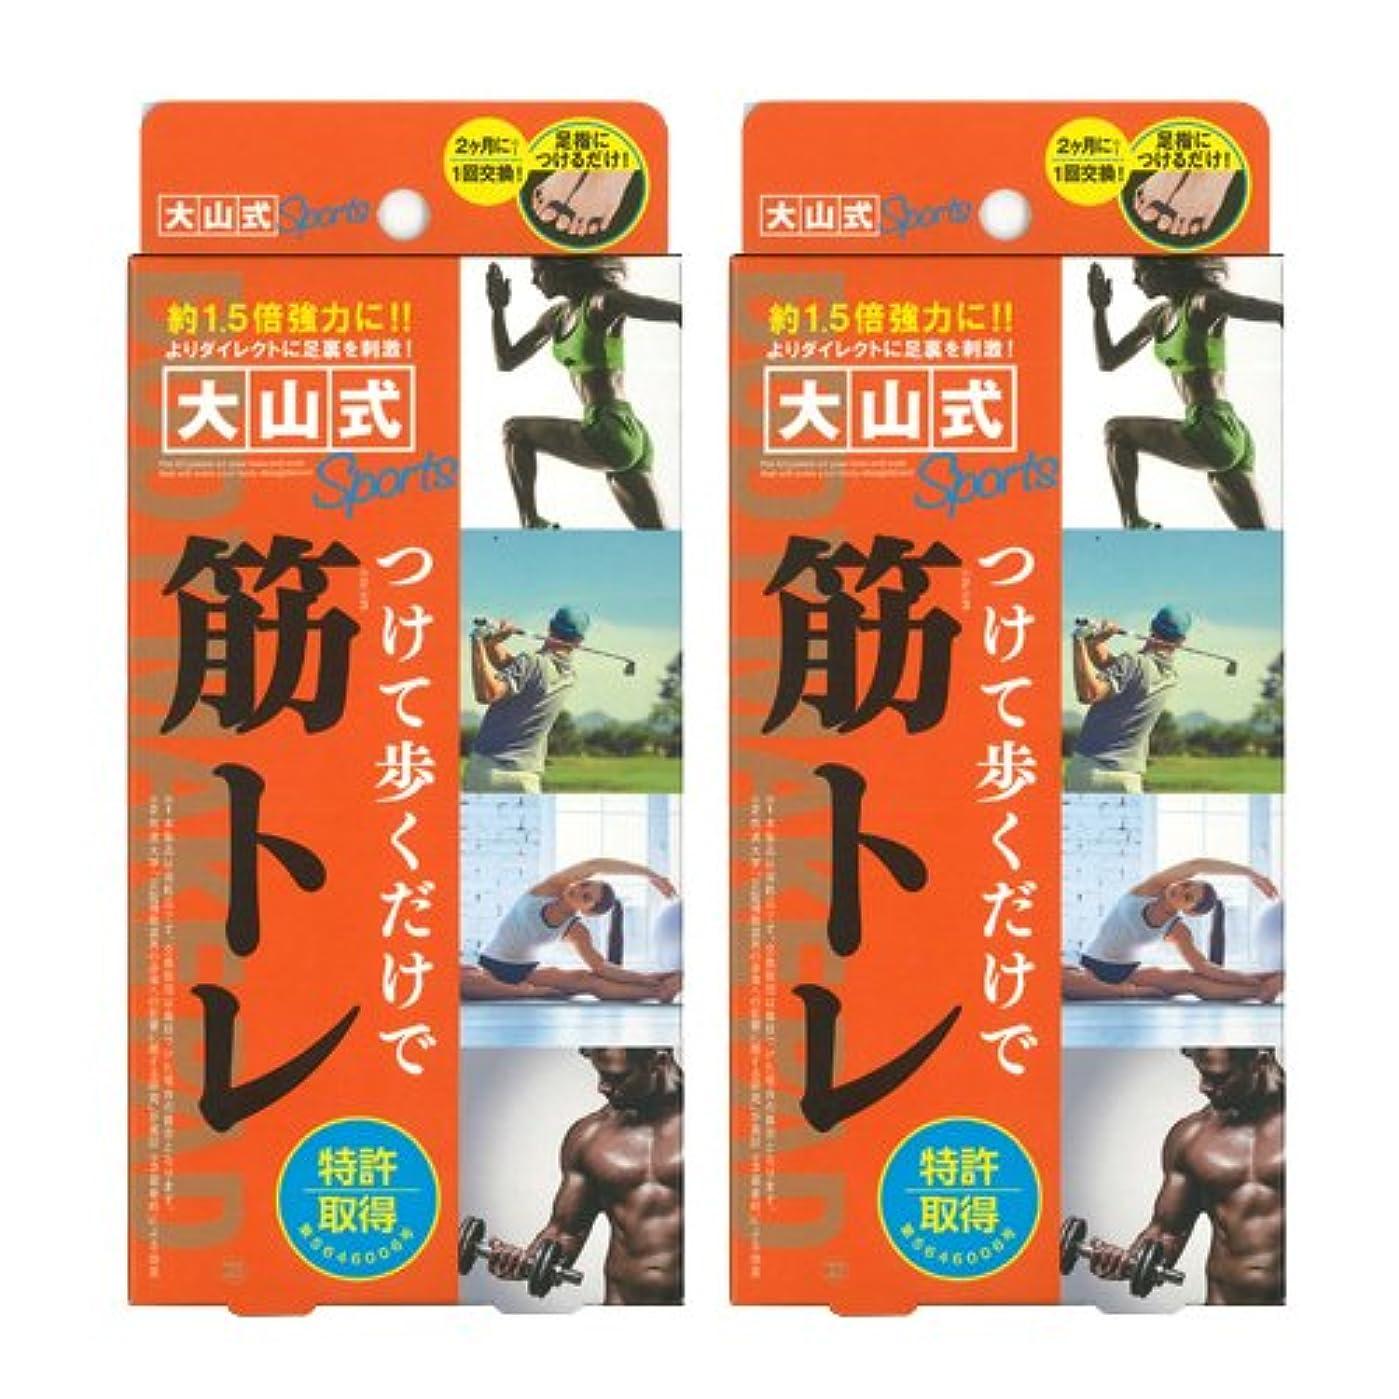 農奴更新する夫大山式ボディメイクパッド スポーツ ×2箱セット